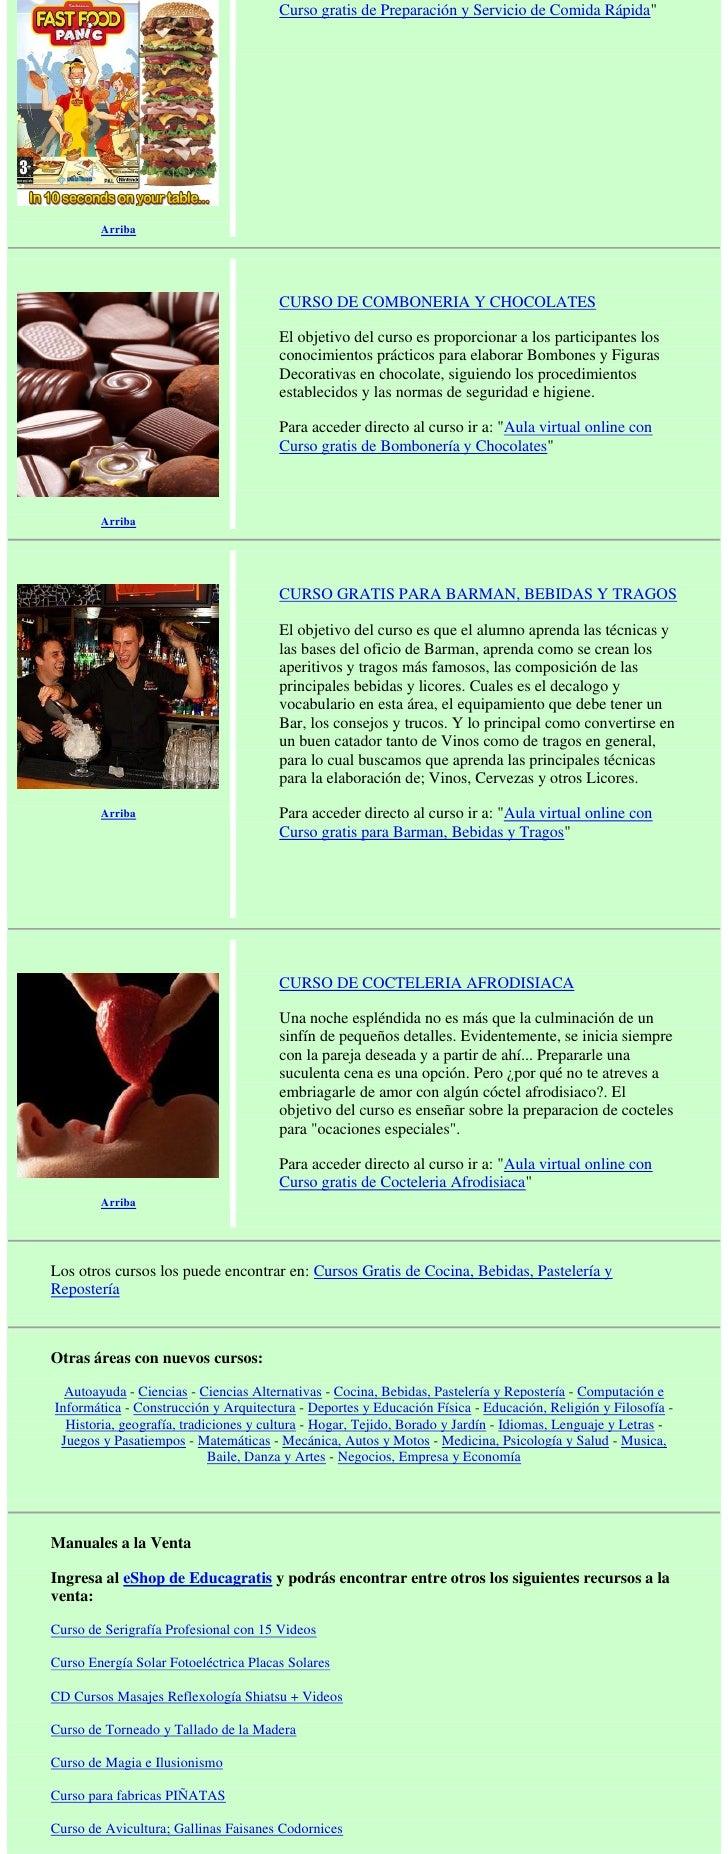 Cursos gratis de cocina bebidas pasteler a y reposter a - Cursos de cocina en ciudad real ...